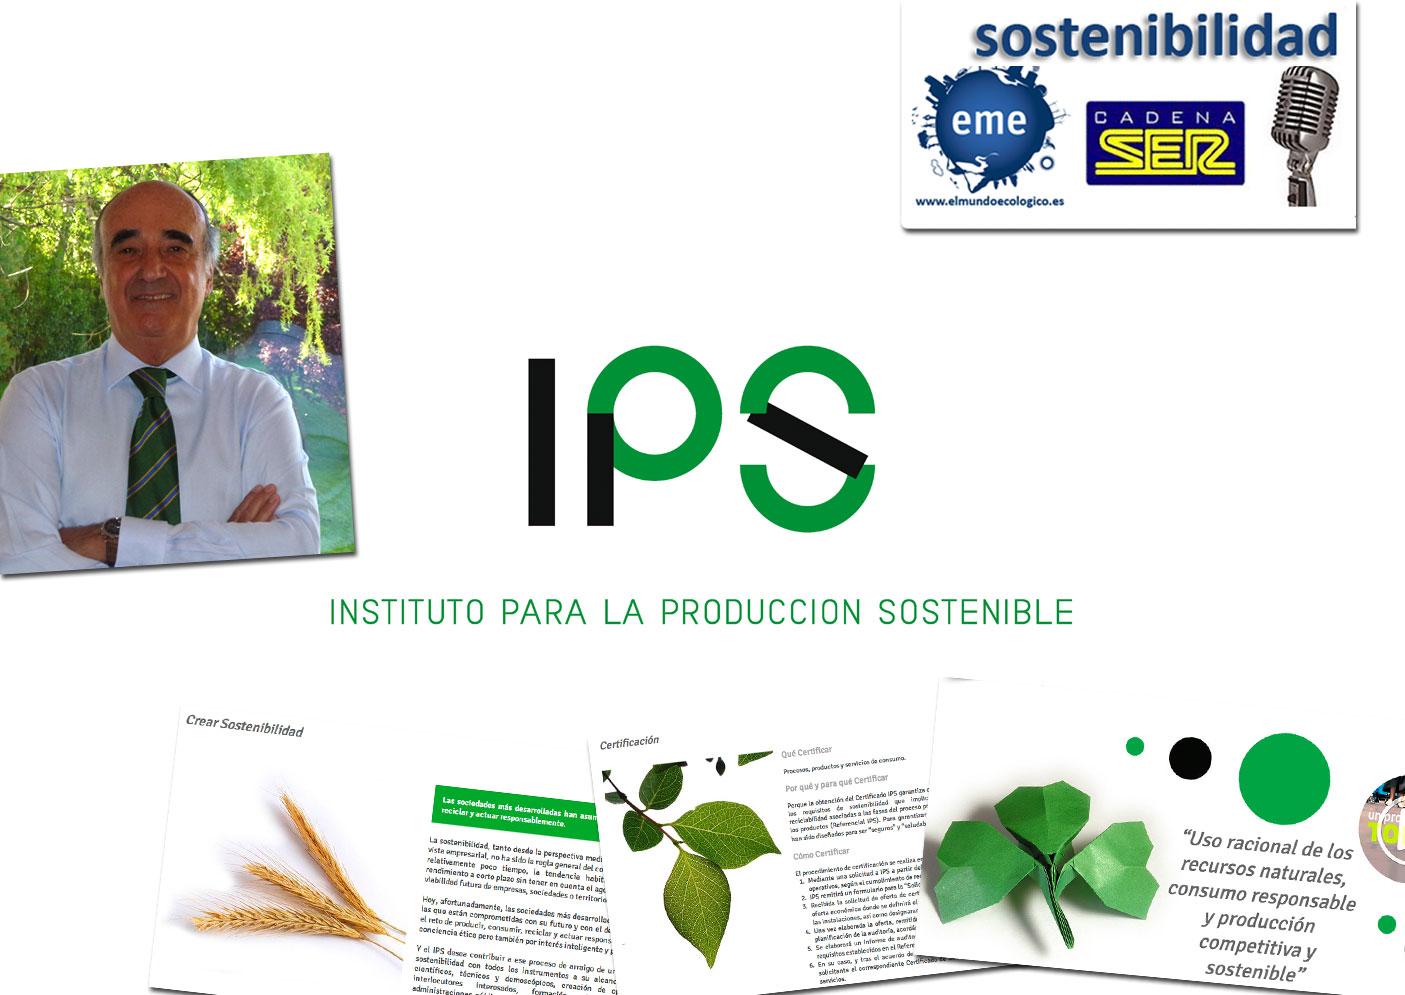 La sostenibilidad como prioridad para las empresas